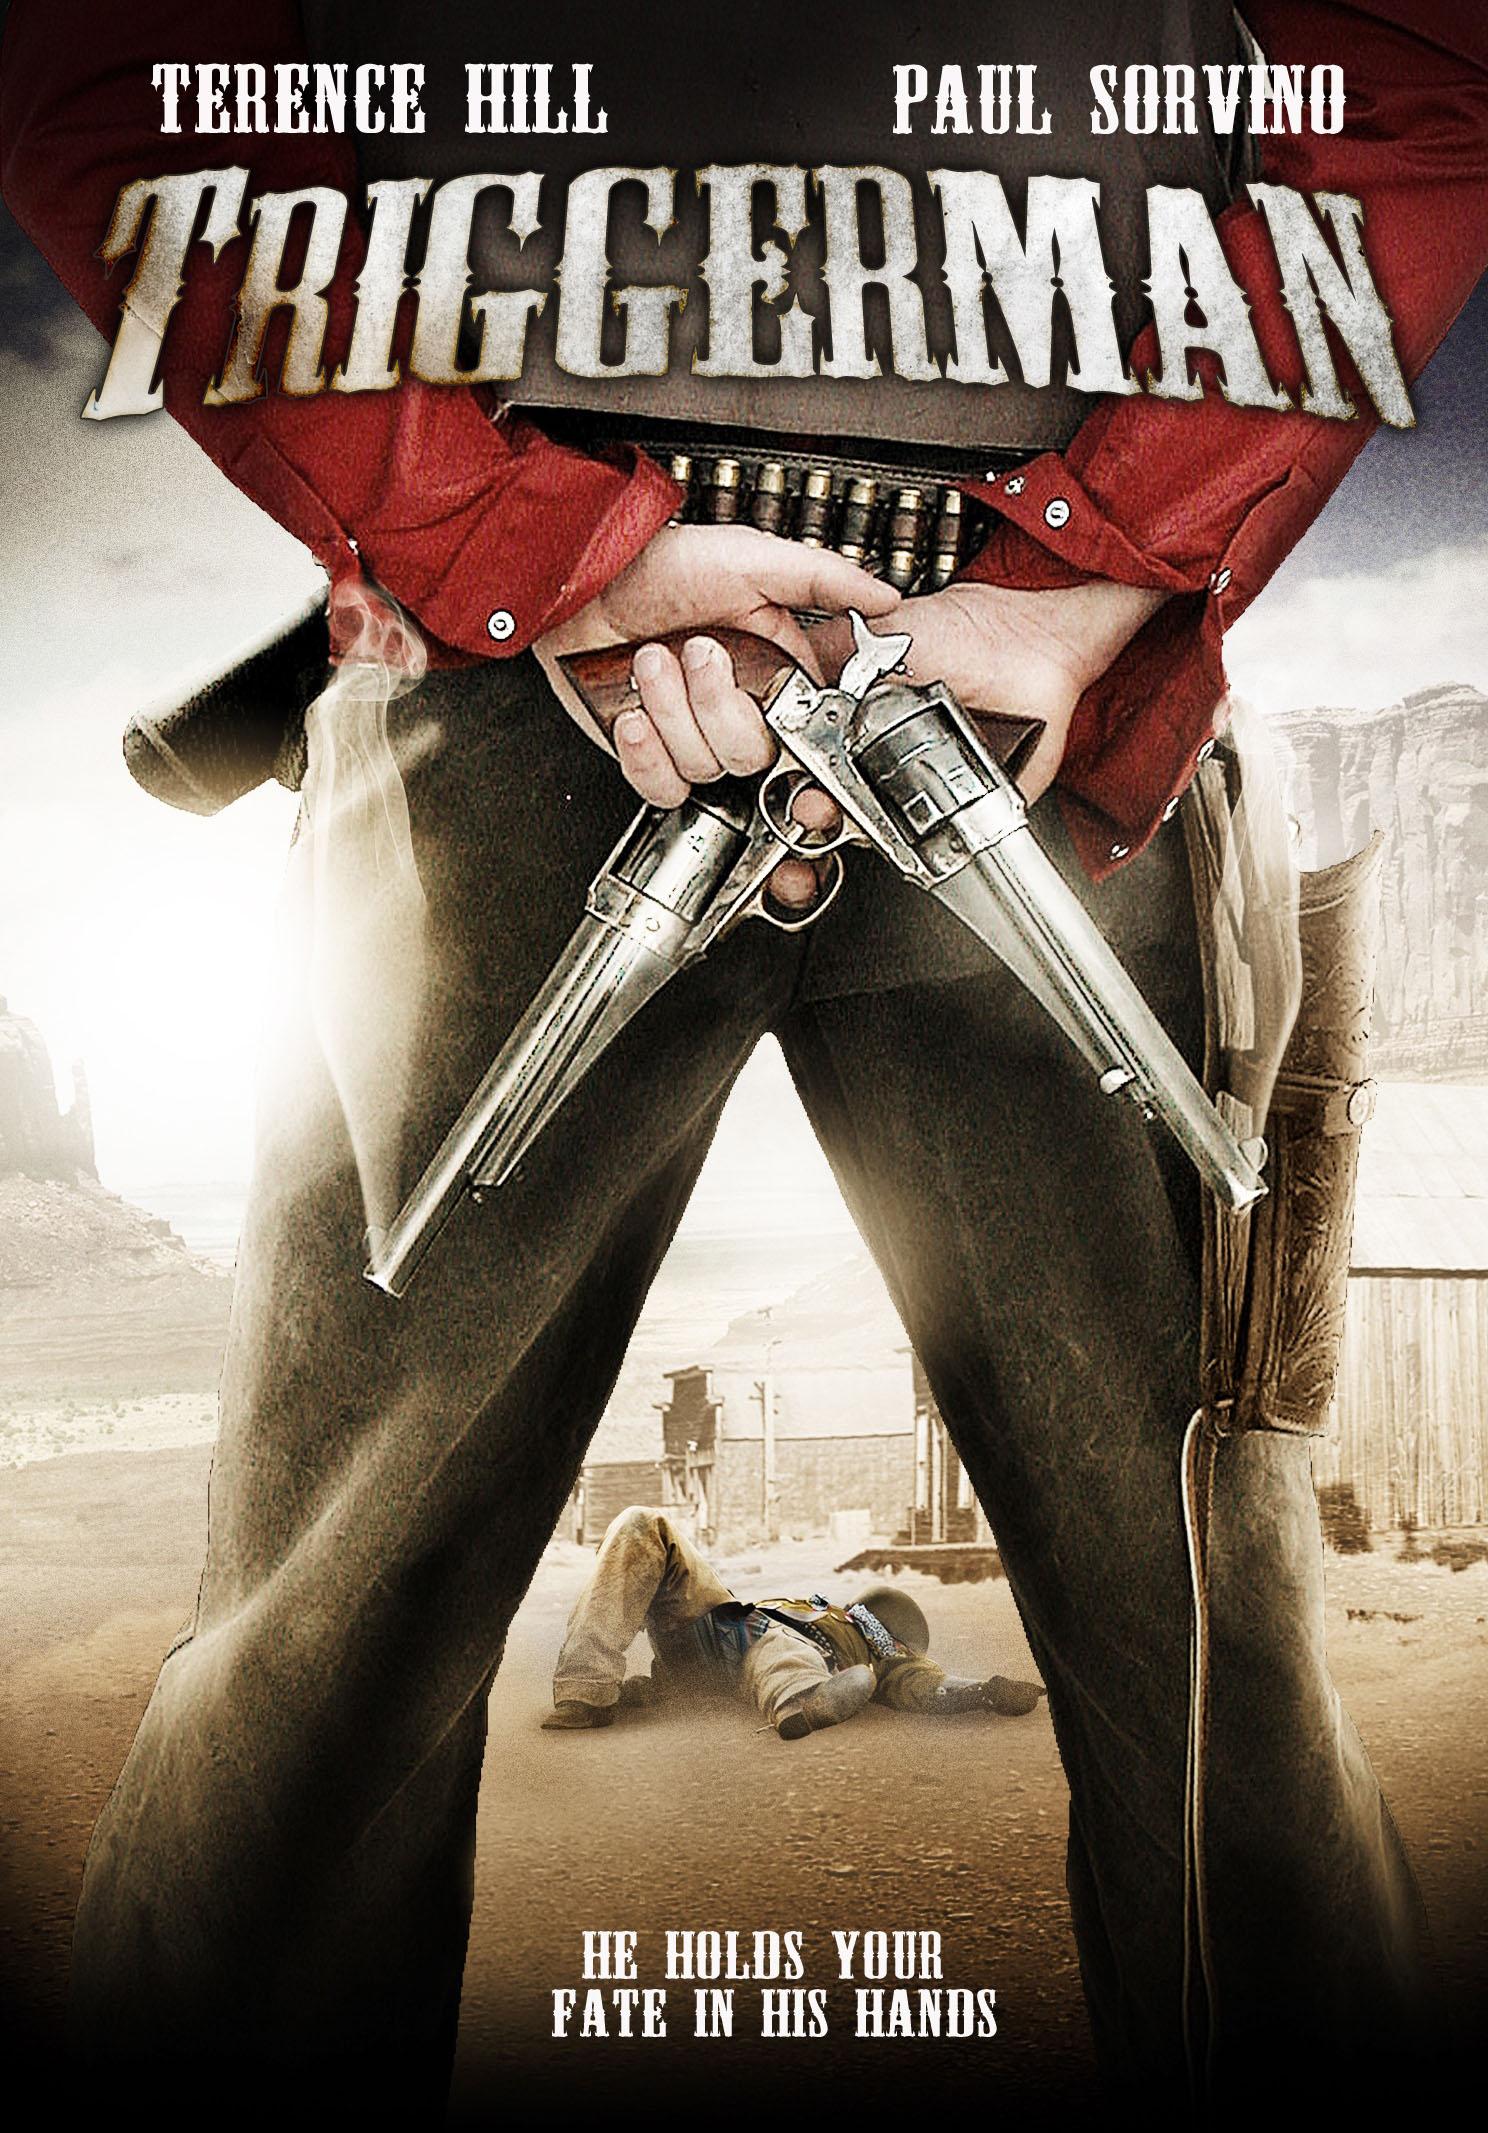 دانلود زیرنویس فارسی فیلم Triggerman